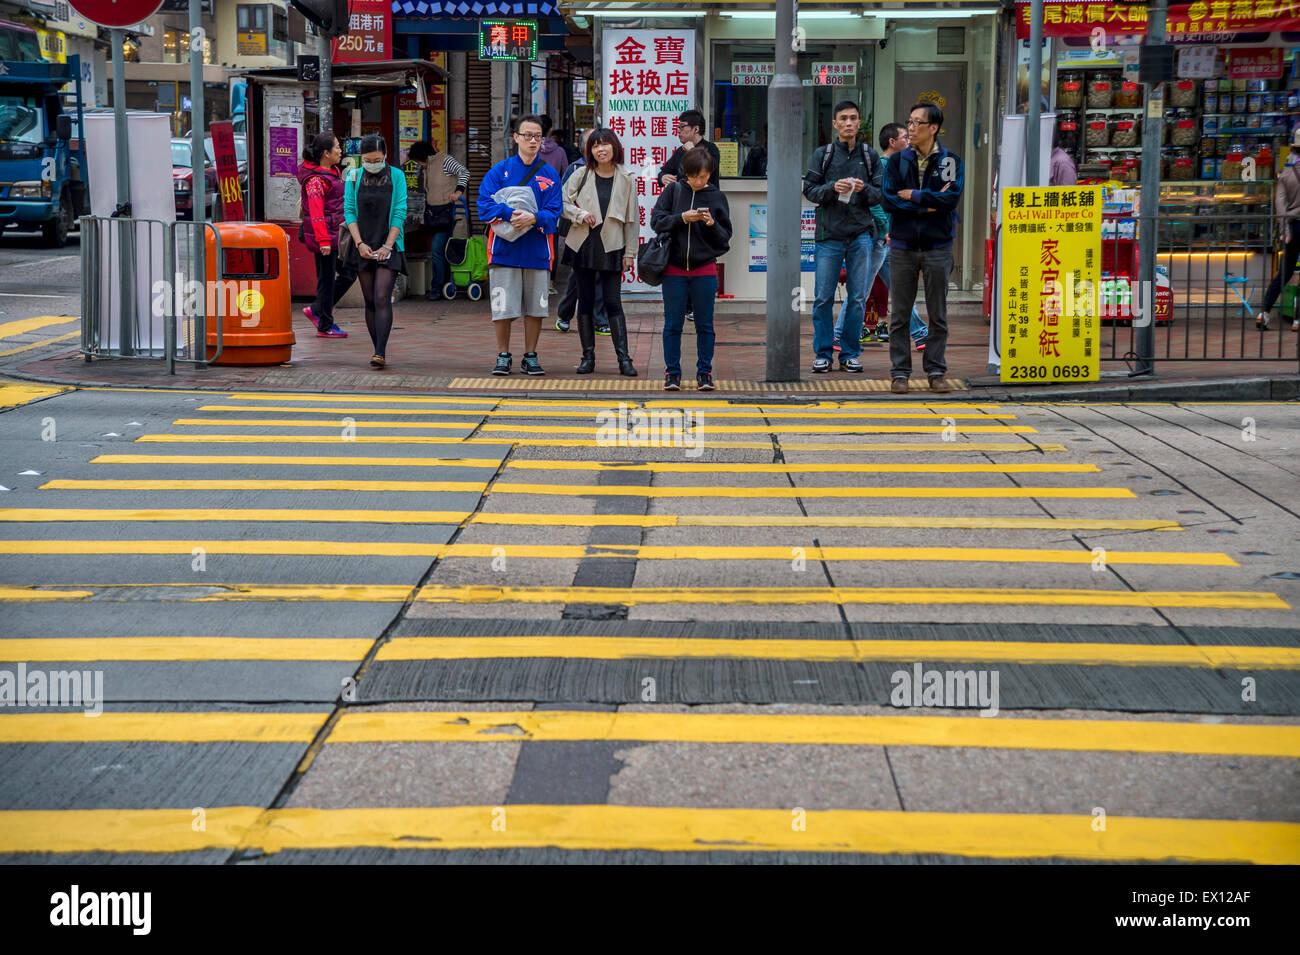 Los peatones esperando para cruzar la calle en Hong Kong Imagen De Stock